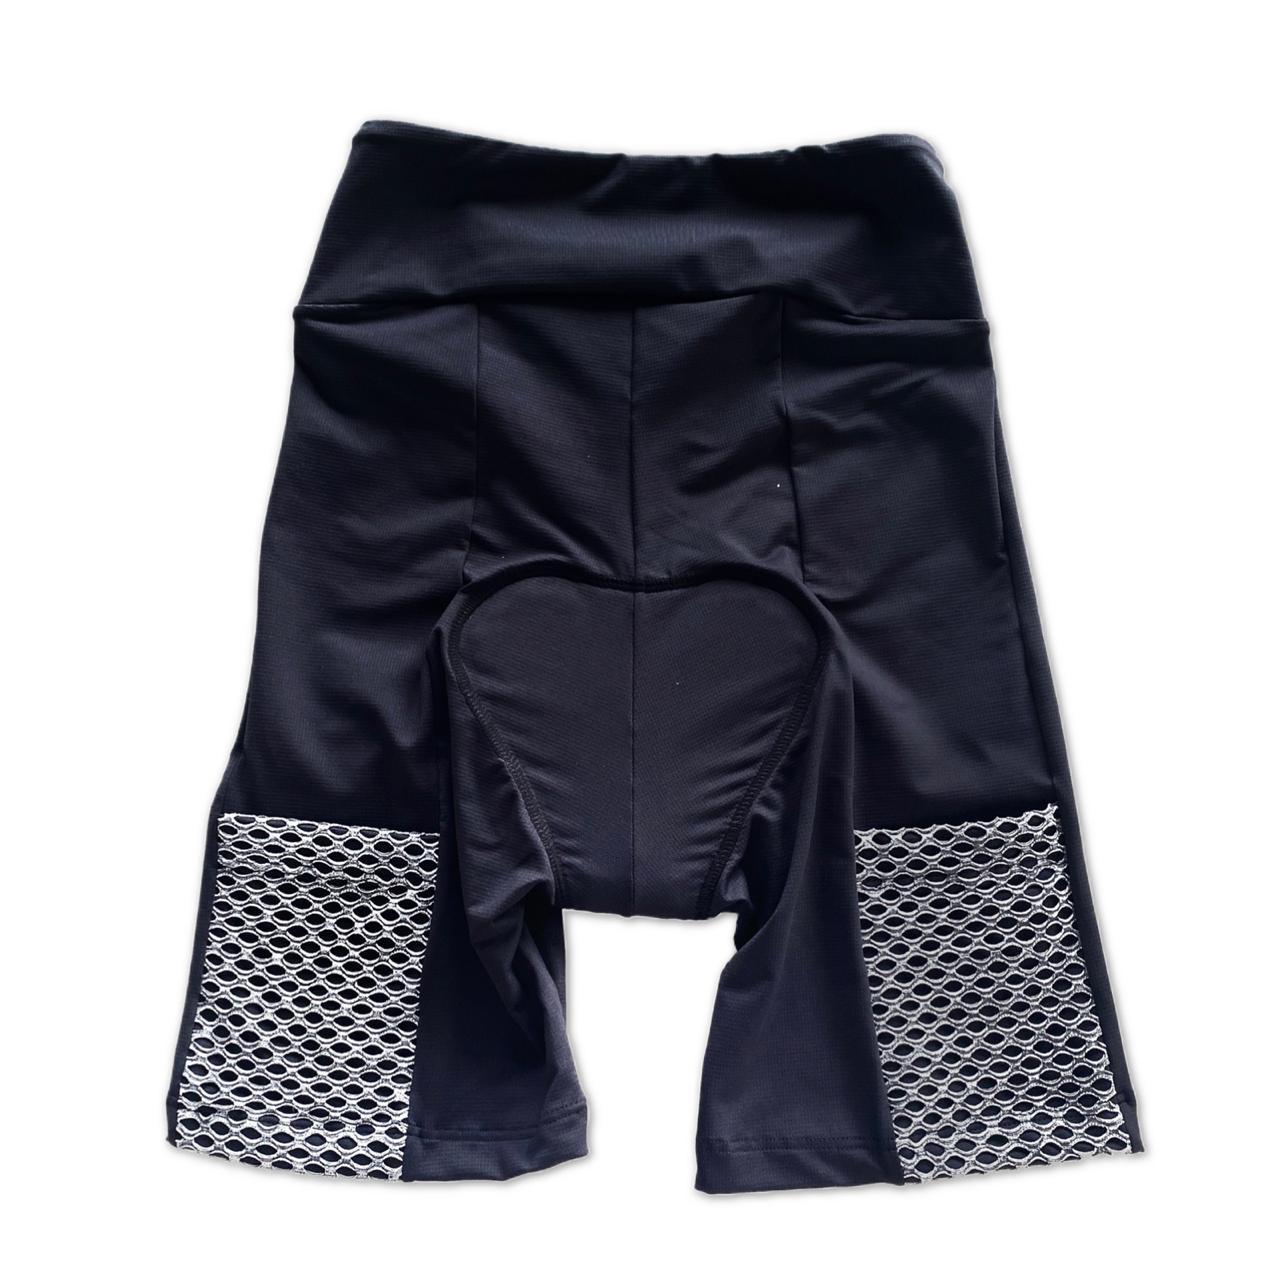 Bermuda de ciclismo em compress unissex preta bolso telinha cinza  - Vivian Bógus